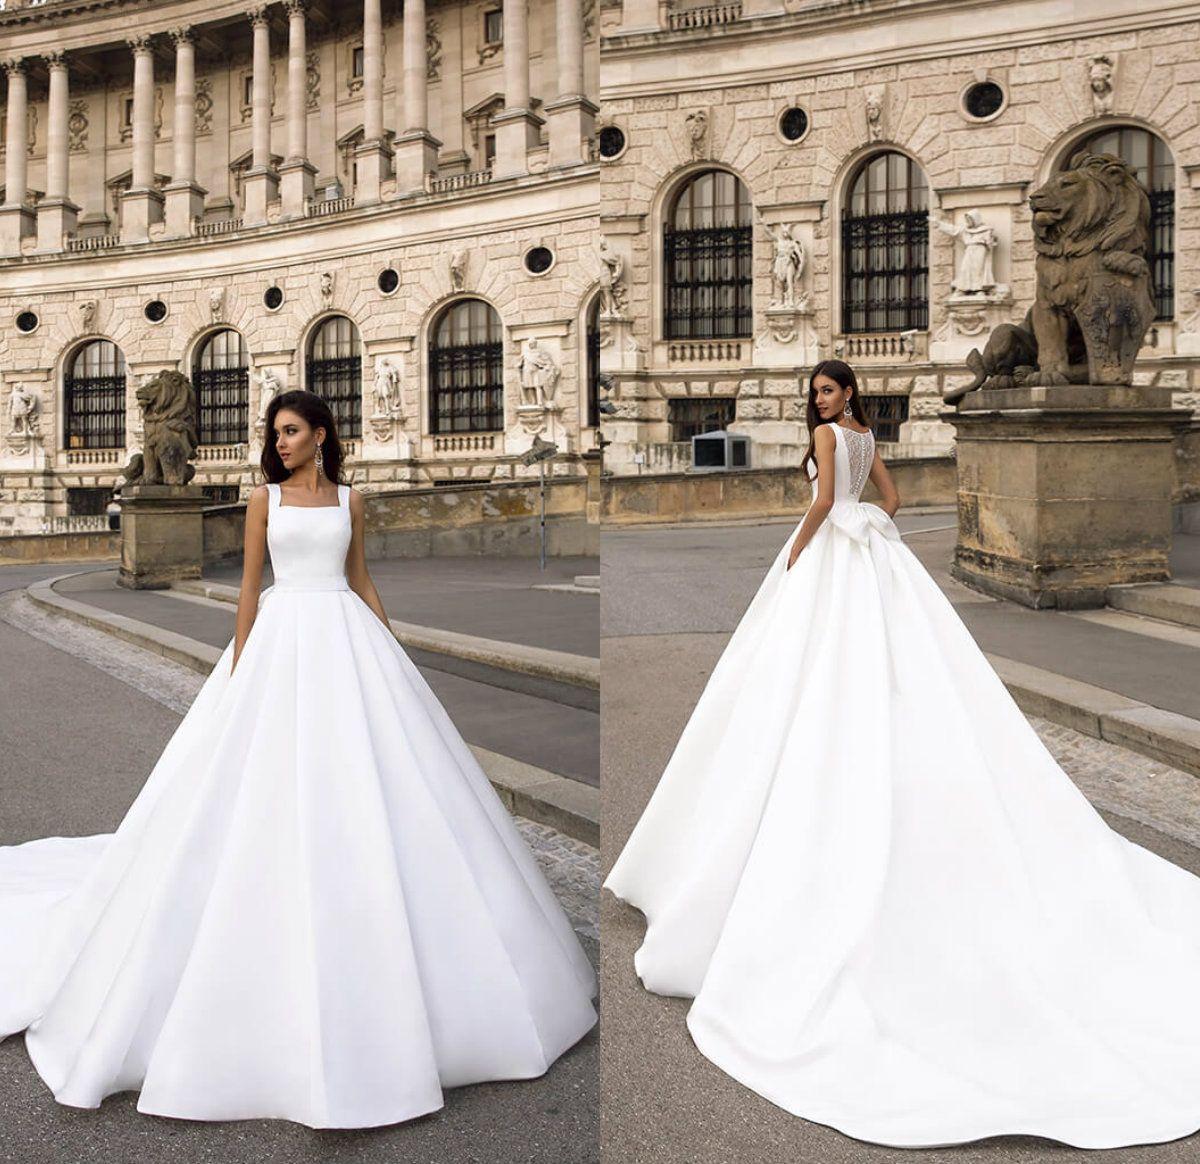 2020 أنيقة فساتين الزفاف الحرير الرقبة ساحة الرباط للخلف القوس الكبير شاطئ رخيصة فستان الزفاف مخصص قطار الاجتياح Vestidos دي Noiva